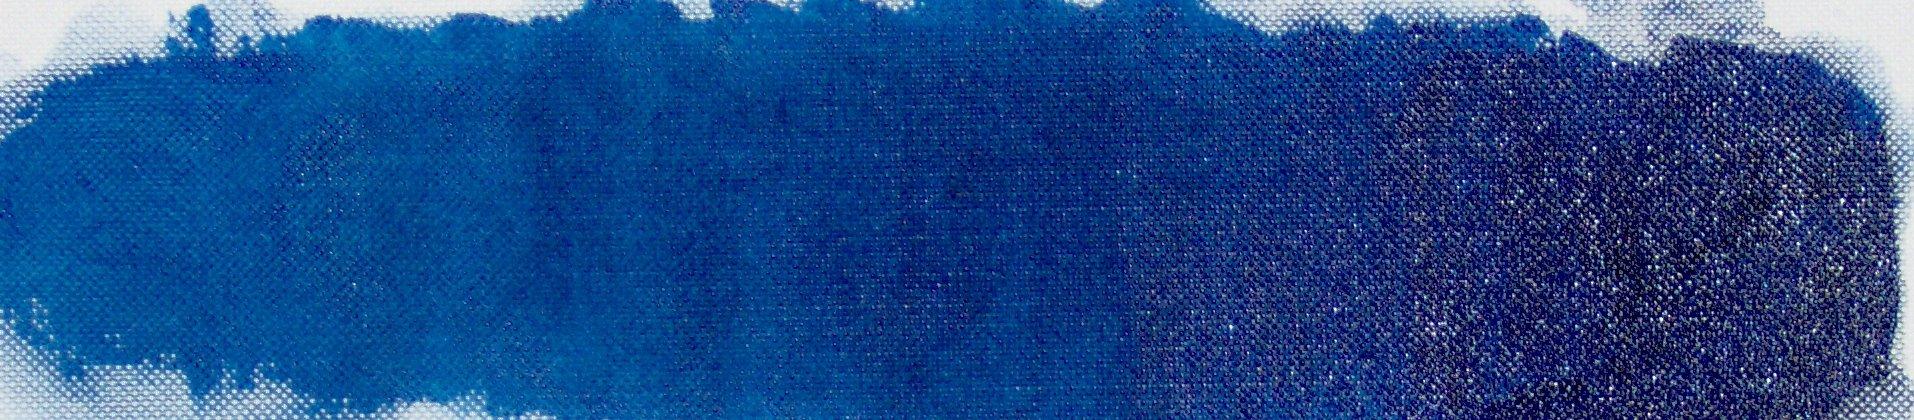 Kind of blue essays